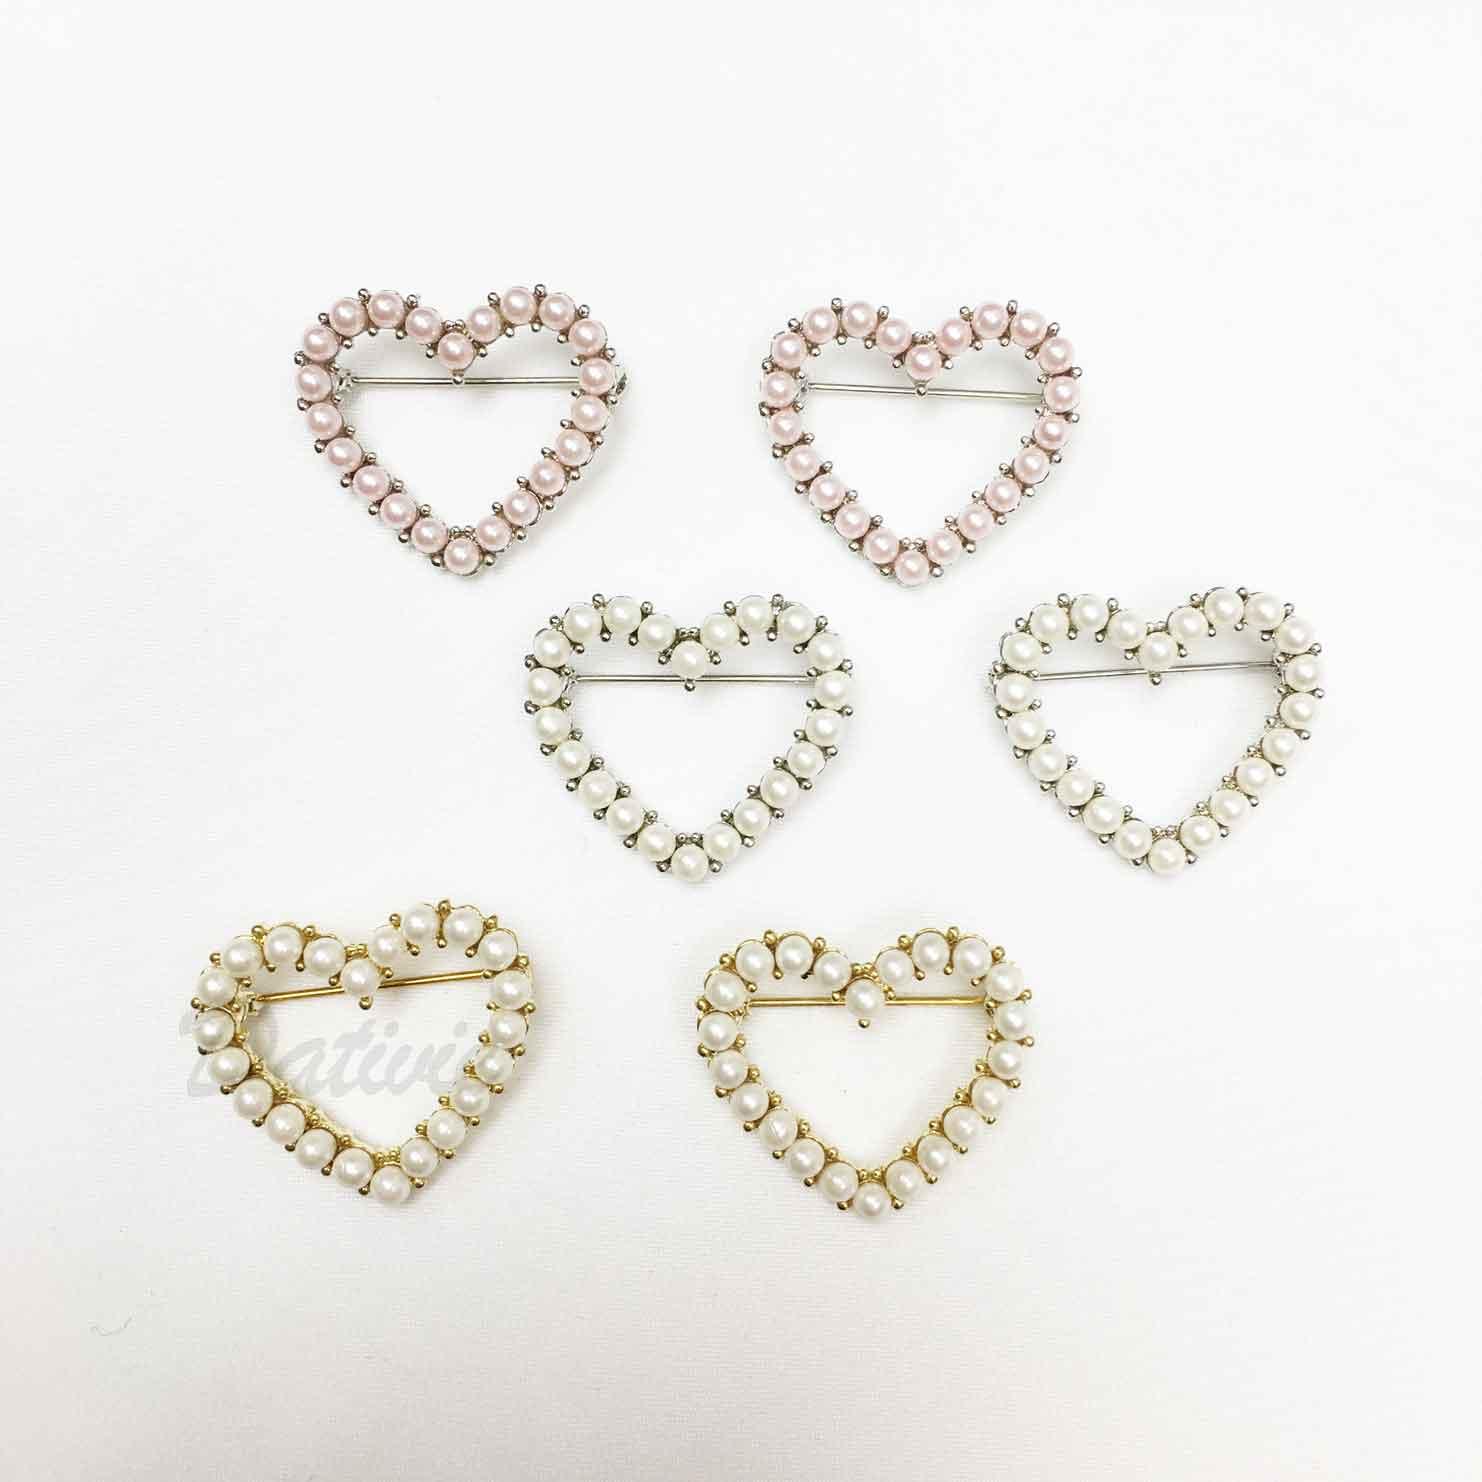 愛心 心形 簍空 珍珠 簡約 可愛 三色 二入一組 胸針